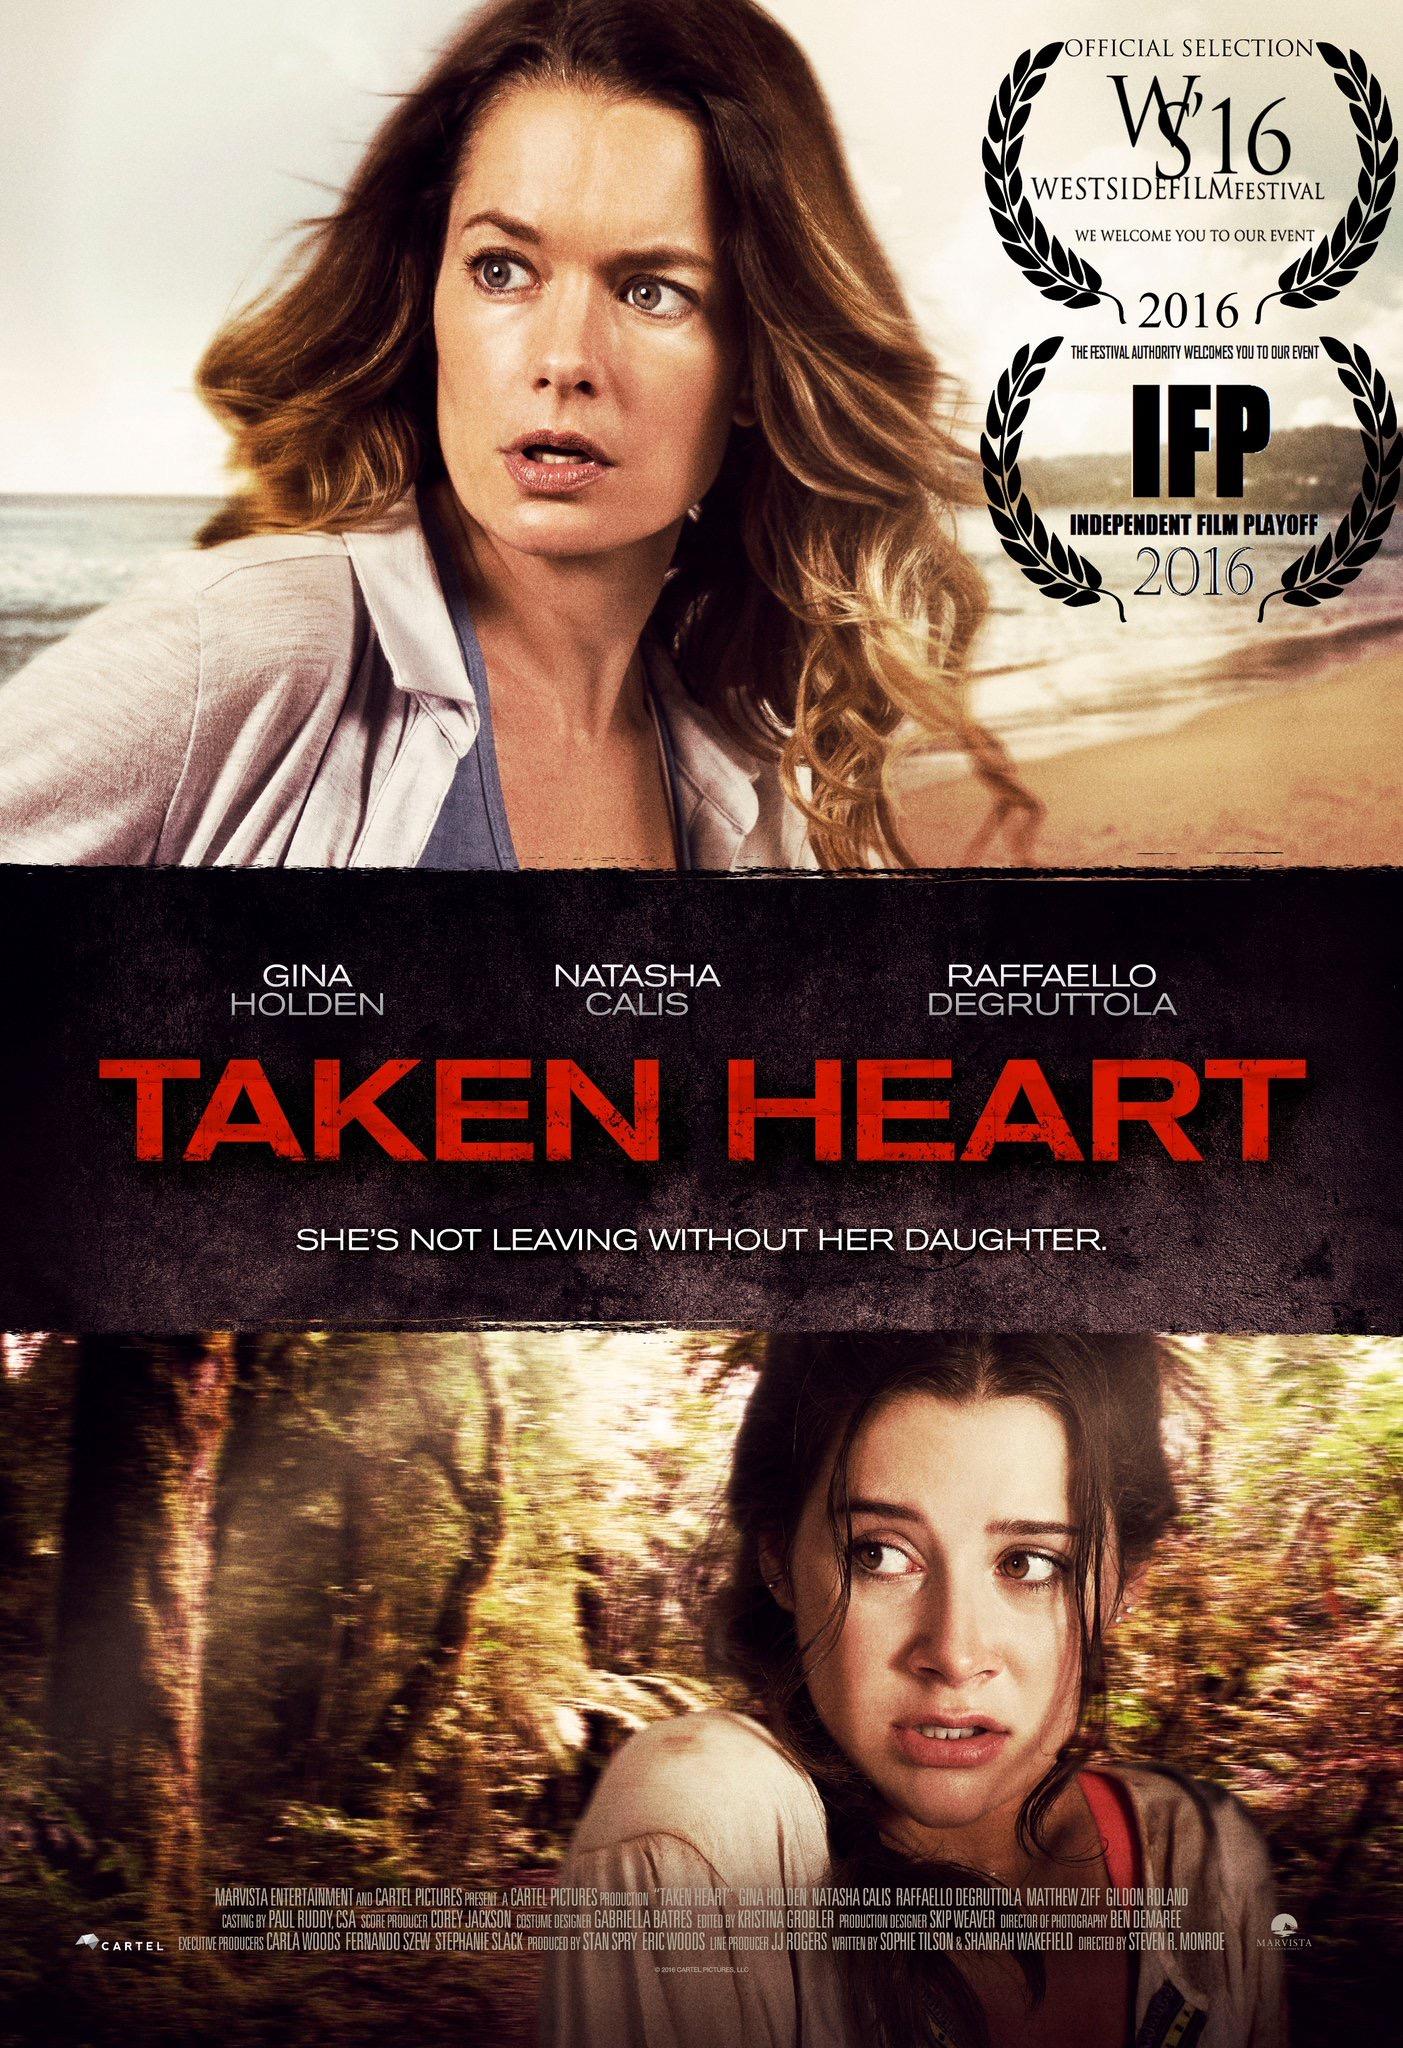 image Taken Heart Watch Full Movie Free Online